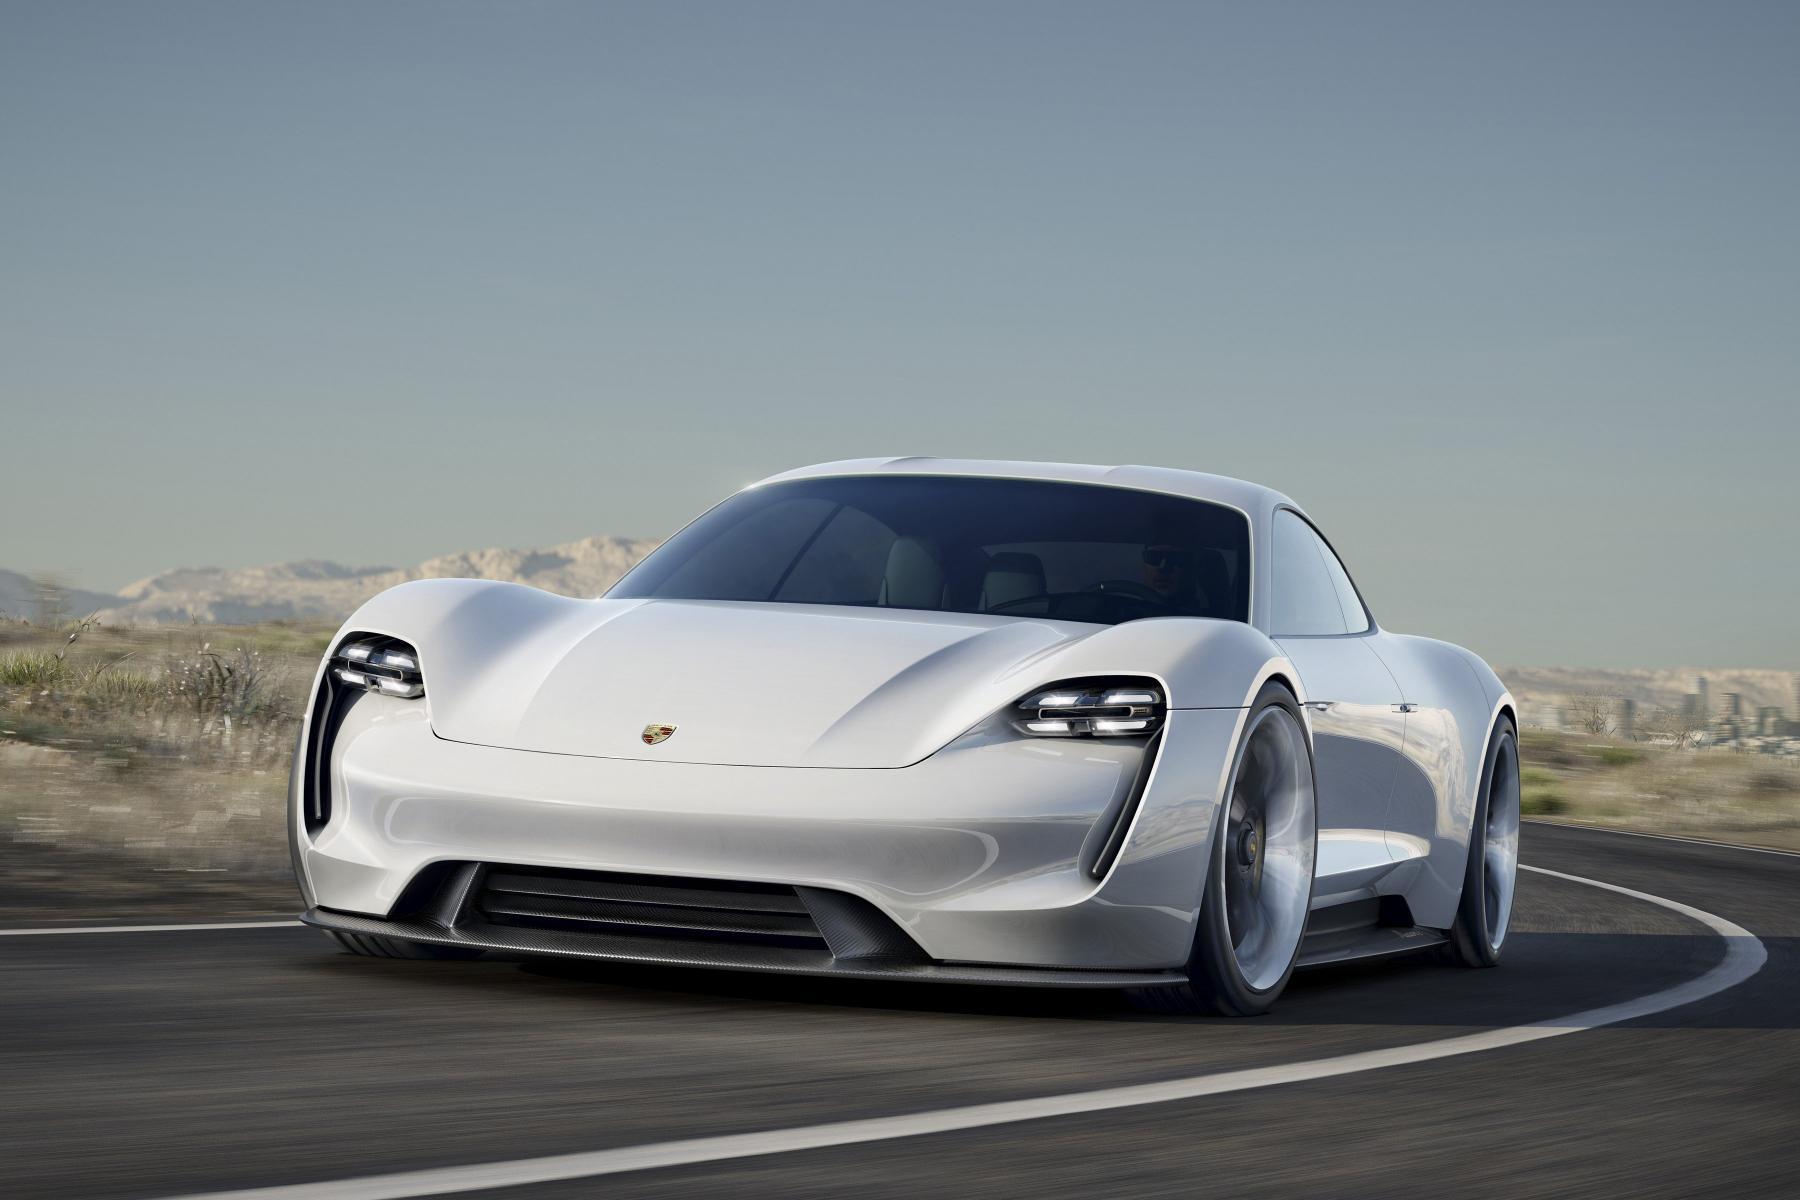 Porsche's long-awaited EV now has a name